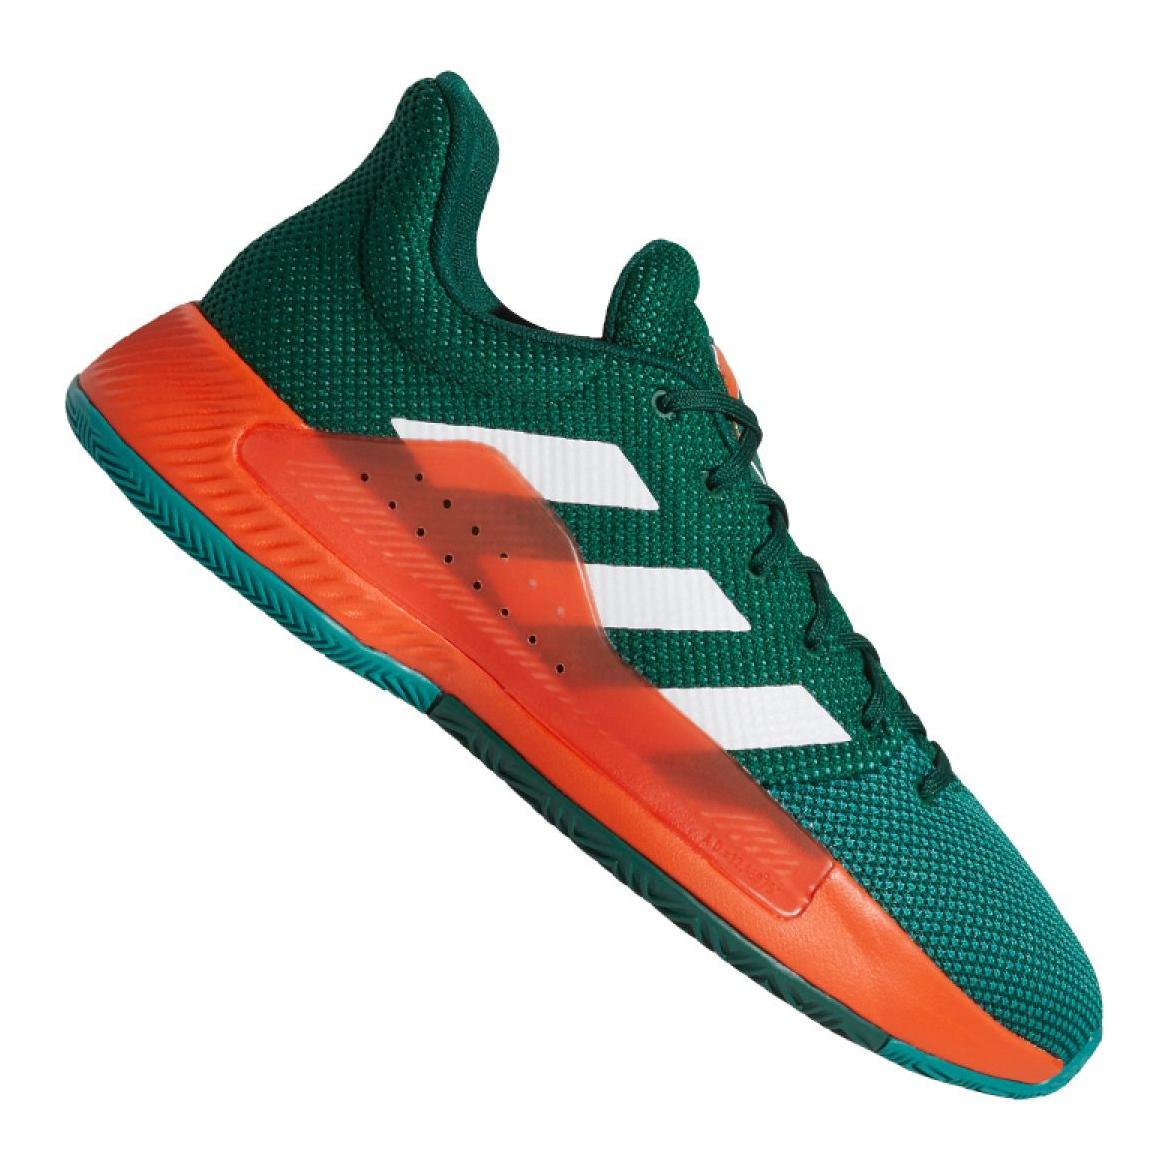 Sapatilhas de basquete adidas Pro Bounce Madness Low 2019 M BB9226 verde verde